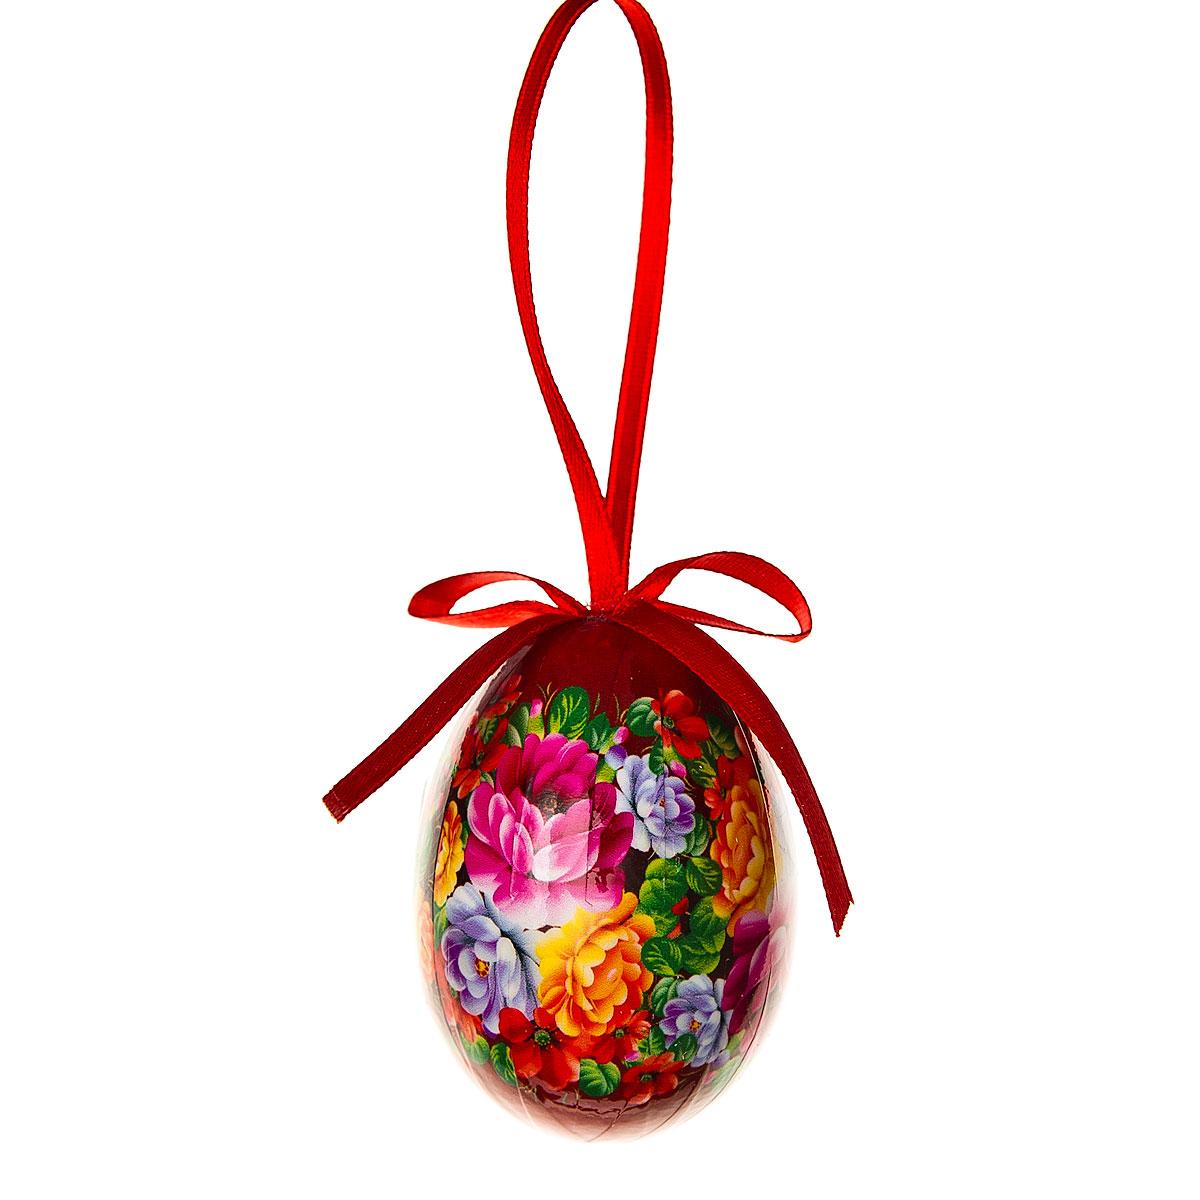 Декоративное подвесное украшение Home Queen Народное искусство, цвет: красный68284_1Подвесное украшение Home Queen Народное искусство, выполненное в форме яйца, изготовлено из пластика и декорировано цветочным орнаментом. Изделие оснащено петелькой для подвешивания. Такое украшение прекрасно оформит интерьер дома или станет замечательным подарком для друзей и близких на Пасху. Размер яйца: 4 см х 4 см х 6 см.